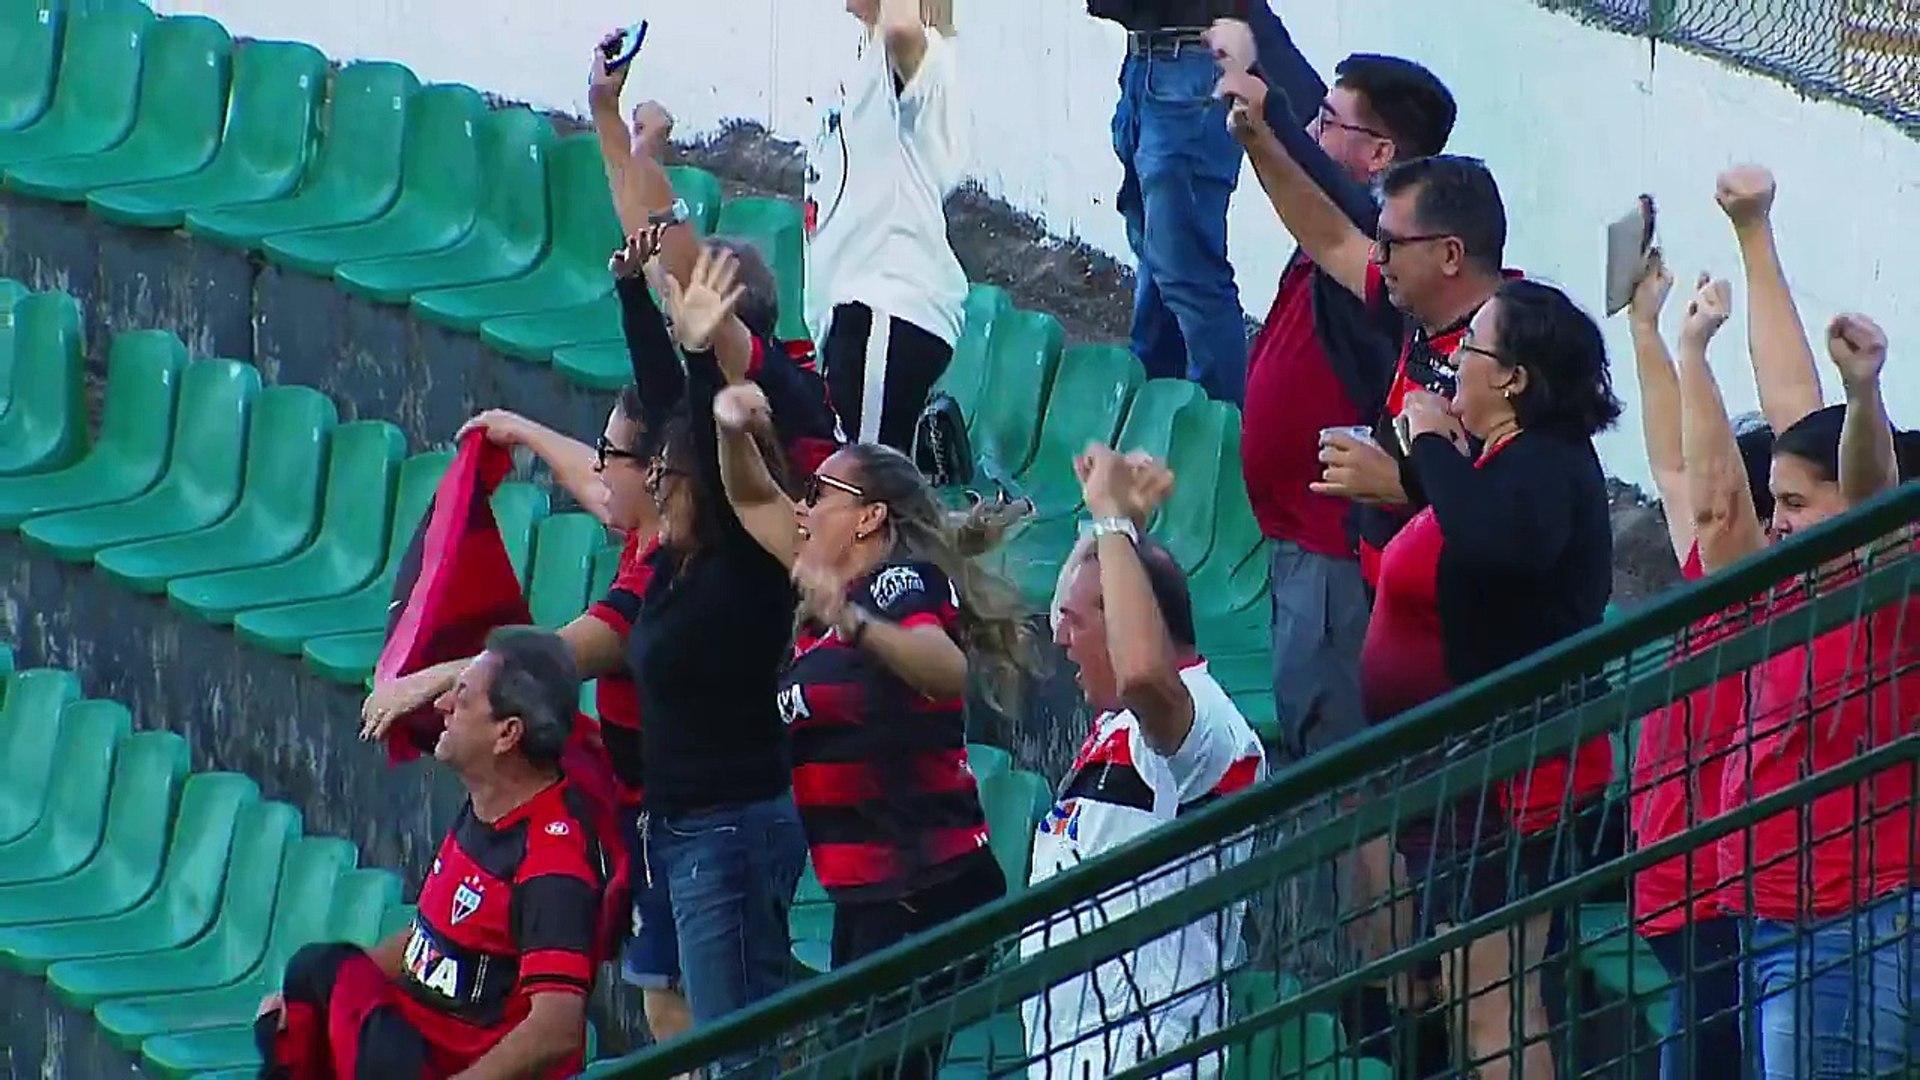 [GOL DE JULIO CÉSAR] Figueirense 2 x 2 Atlético-GO - Série B 2018